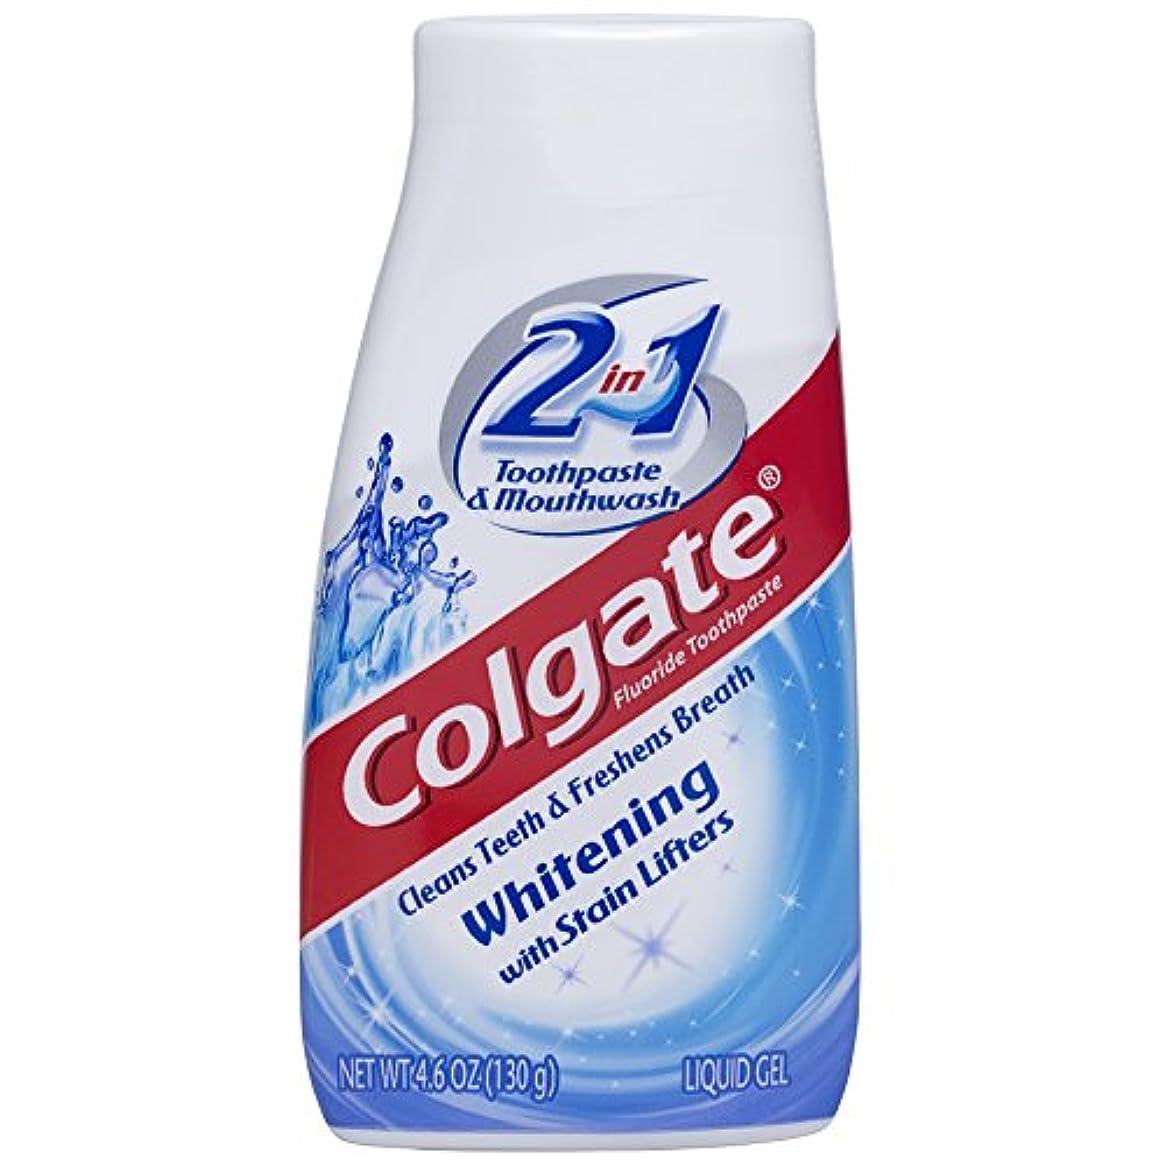 上破裂バング海外直送品Colgate 2 In 1 Toothpaste & Mouthwash Whitening, 4.6 oz by Colgate